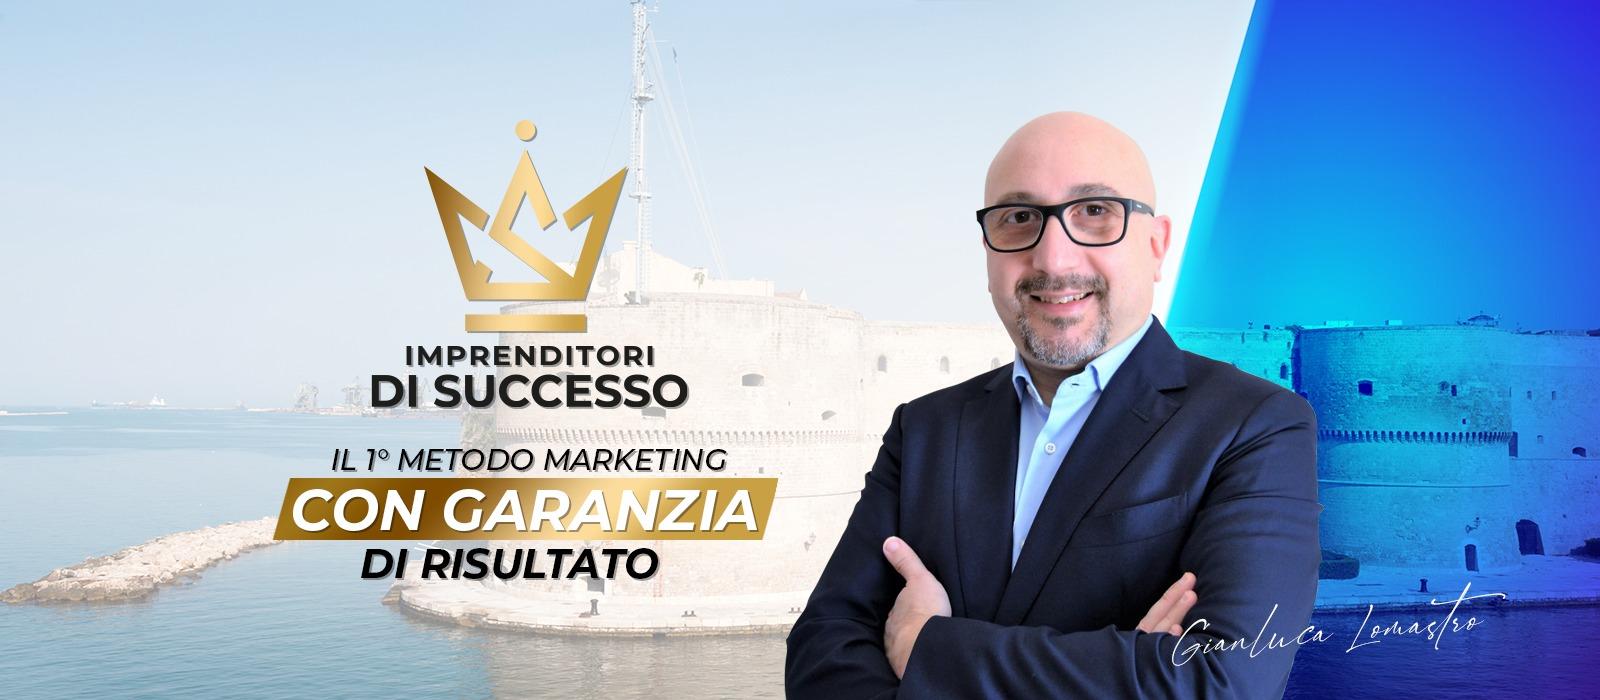 Imprenditori di successo a Taranto